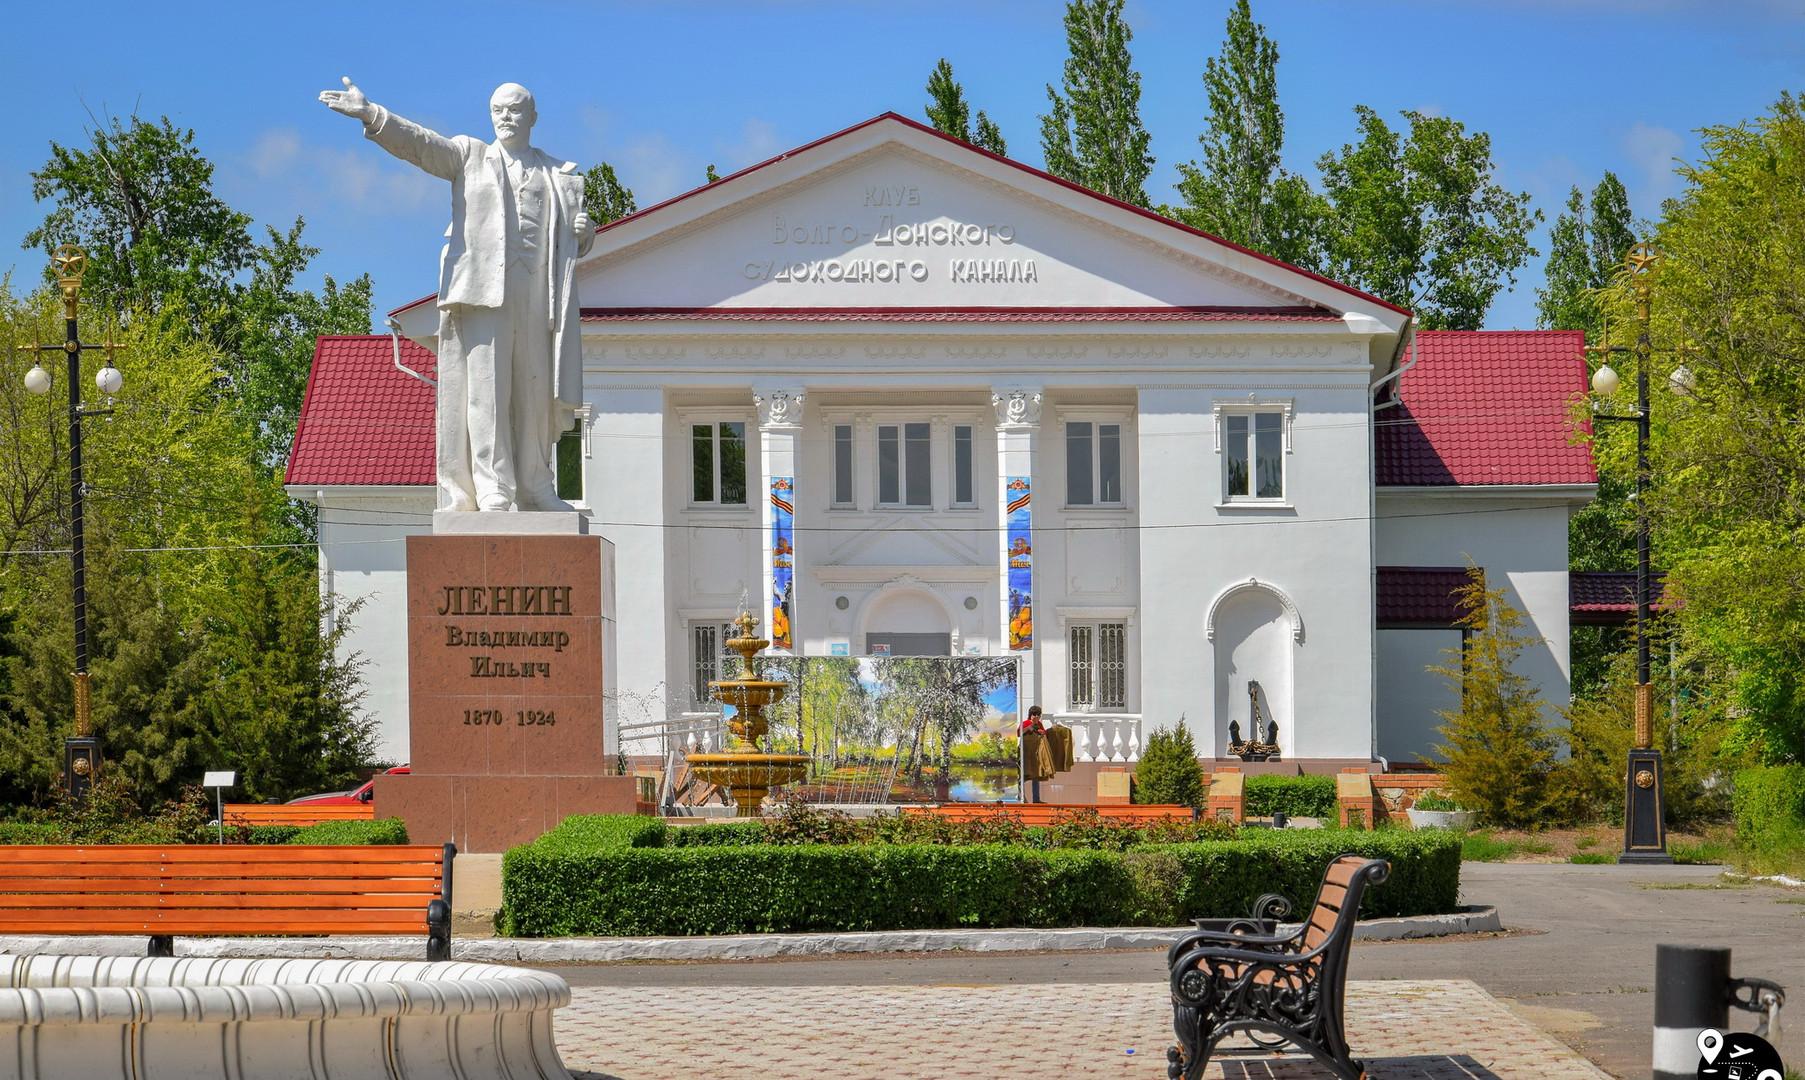 Клуб Волго-Донского канала, Пятиморск